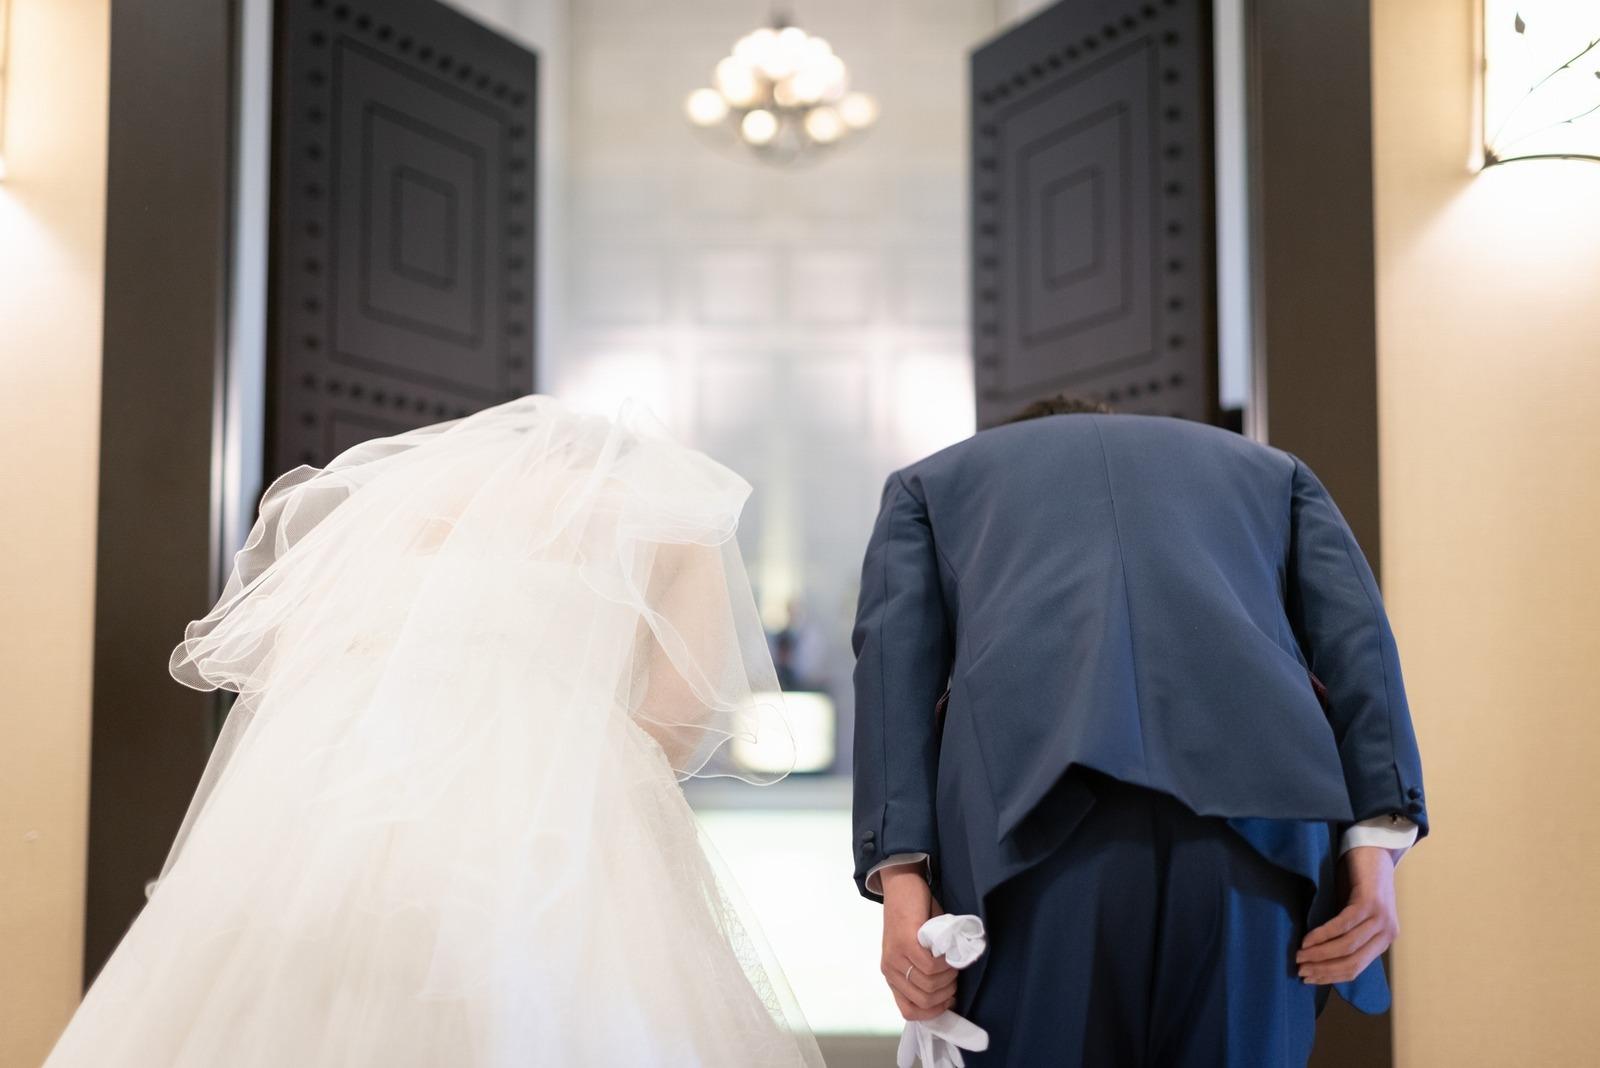 香川県の結婚式場のシェルエメール&アイスタイル 挙式退場